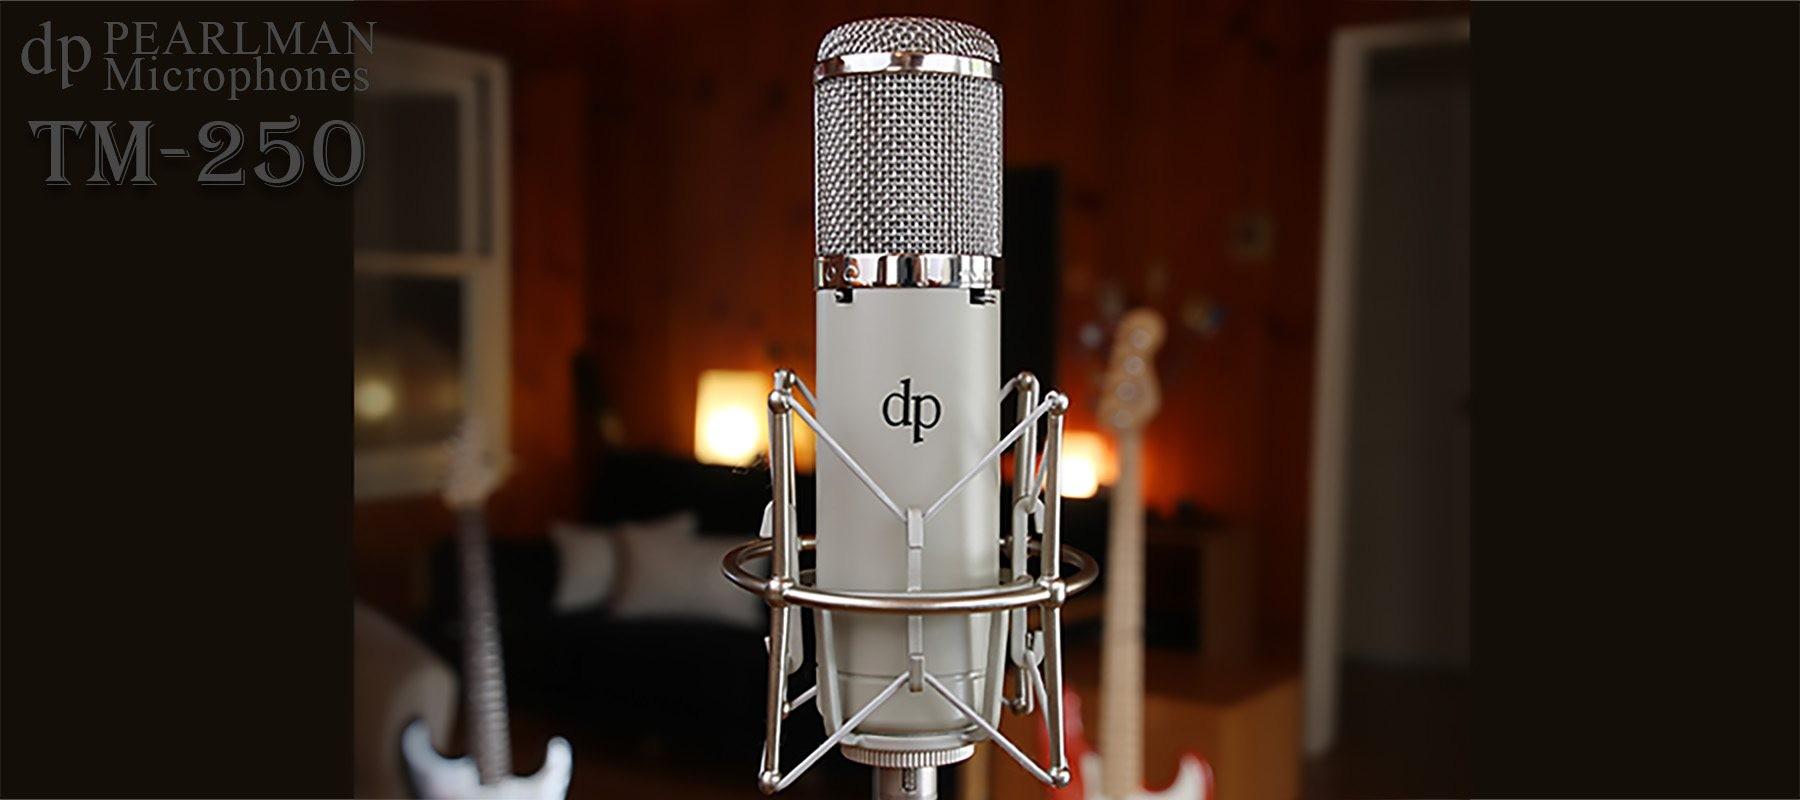 Pearlman Microphones TM-250